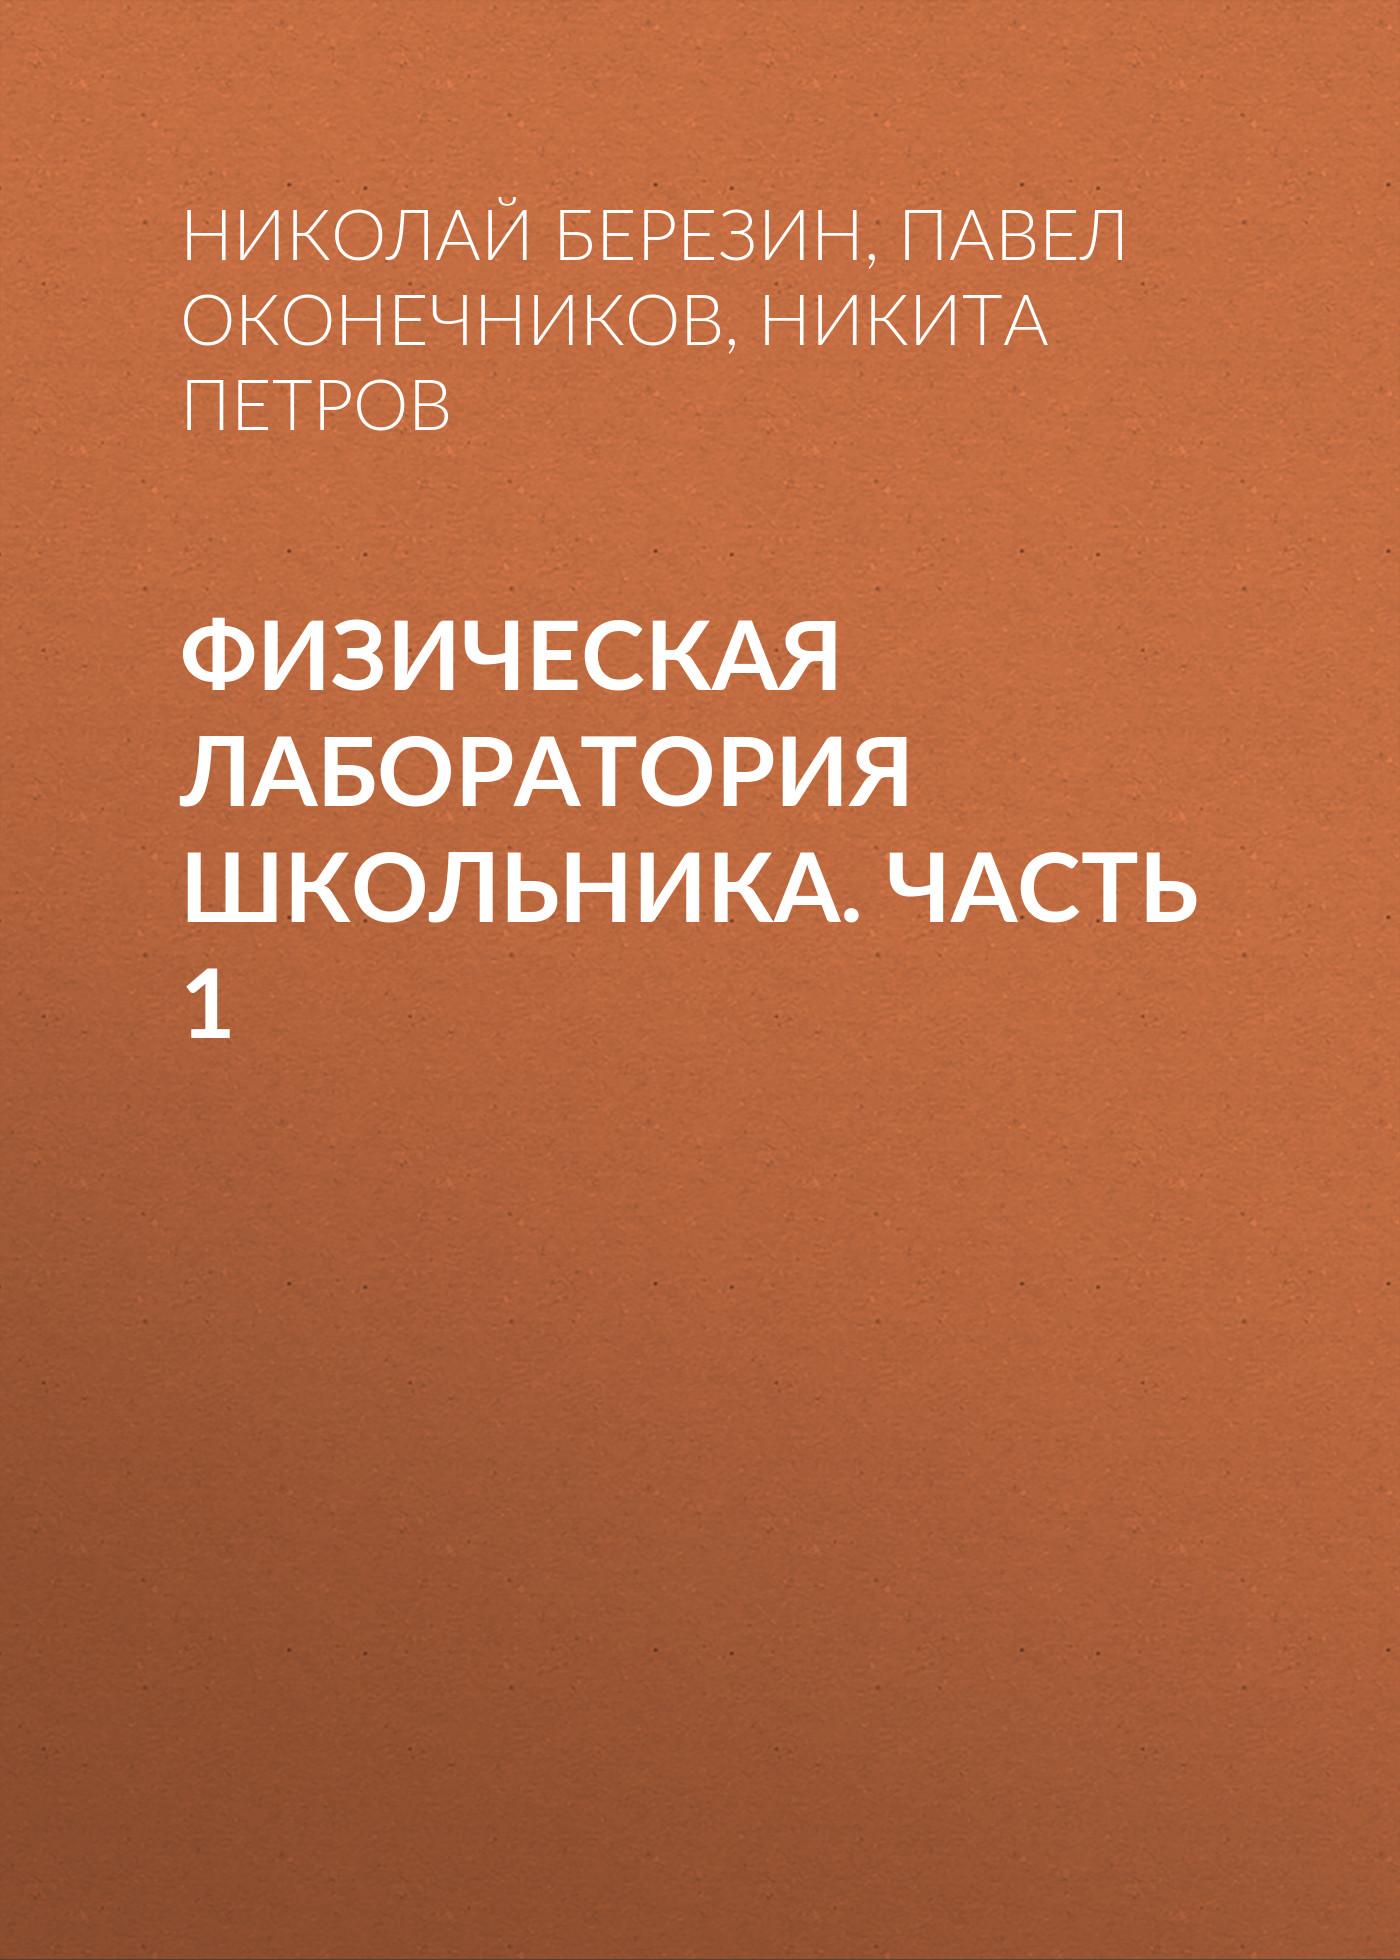 Николай Березин Физическая лаборатория школьника. Часть 1 николай березин физическая лаборатория школьника часть 1